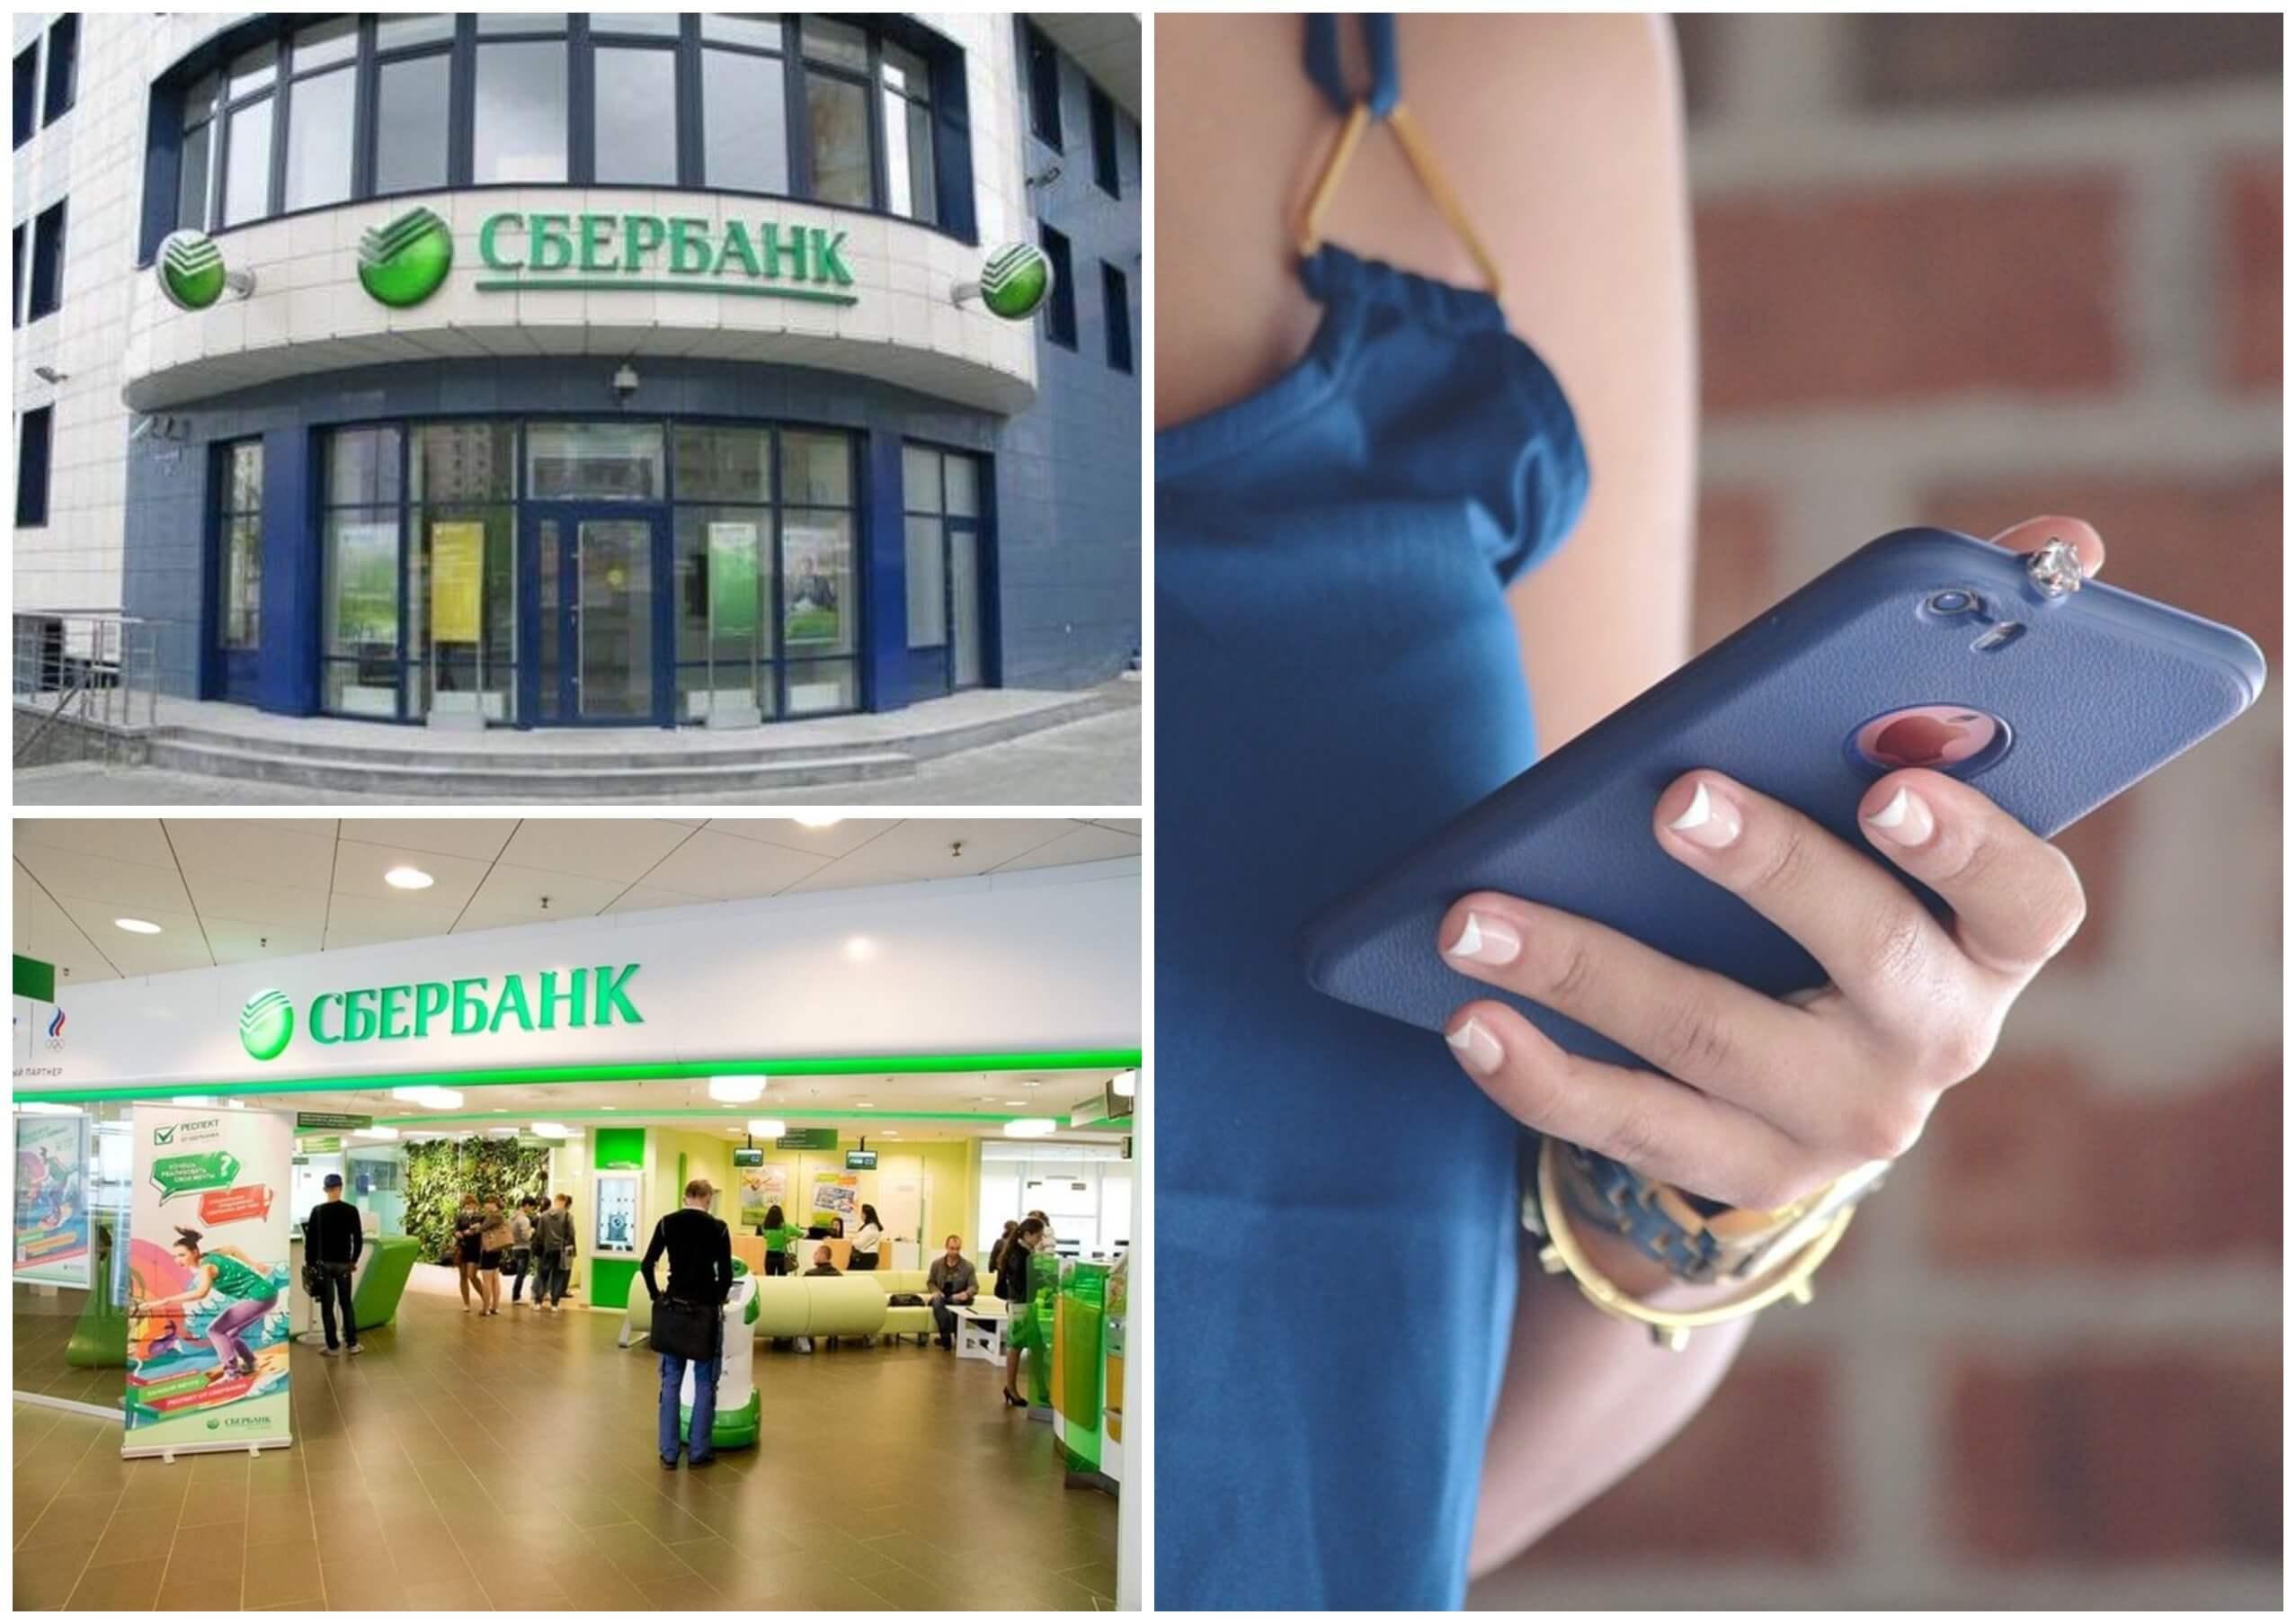 На фото изображен Сбербанк и телефон, который девушка держит в руке.